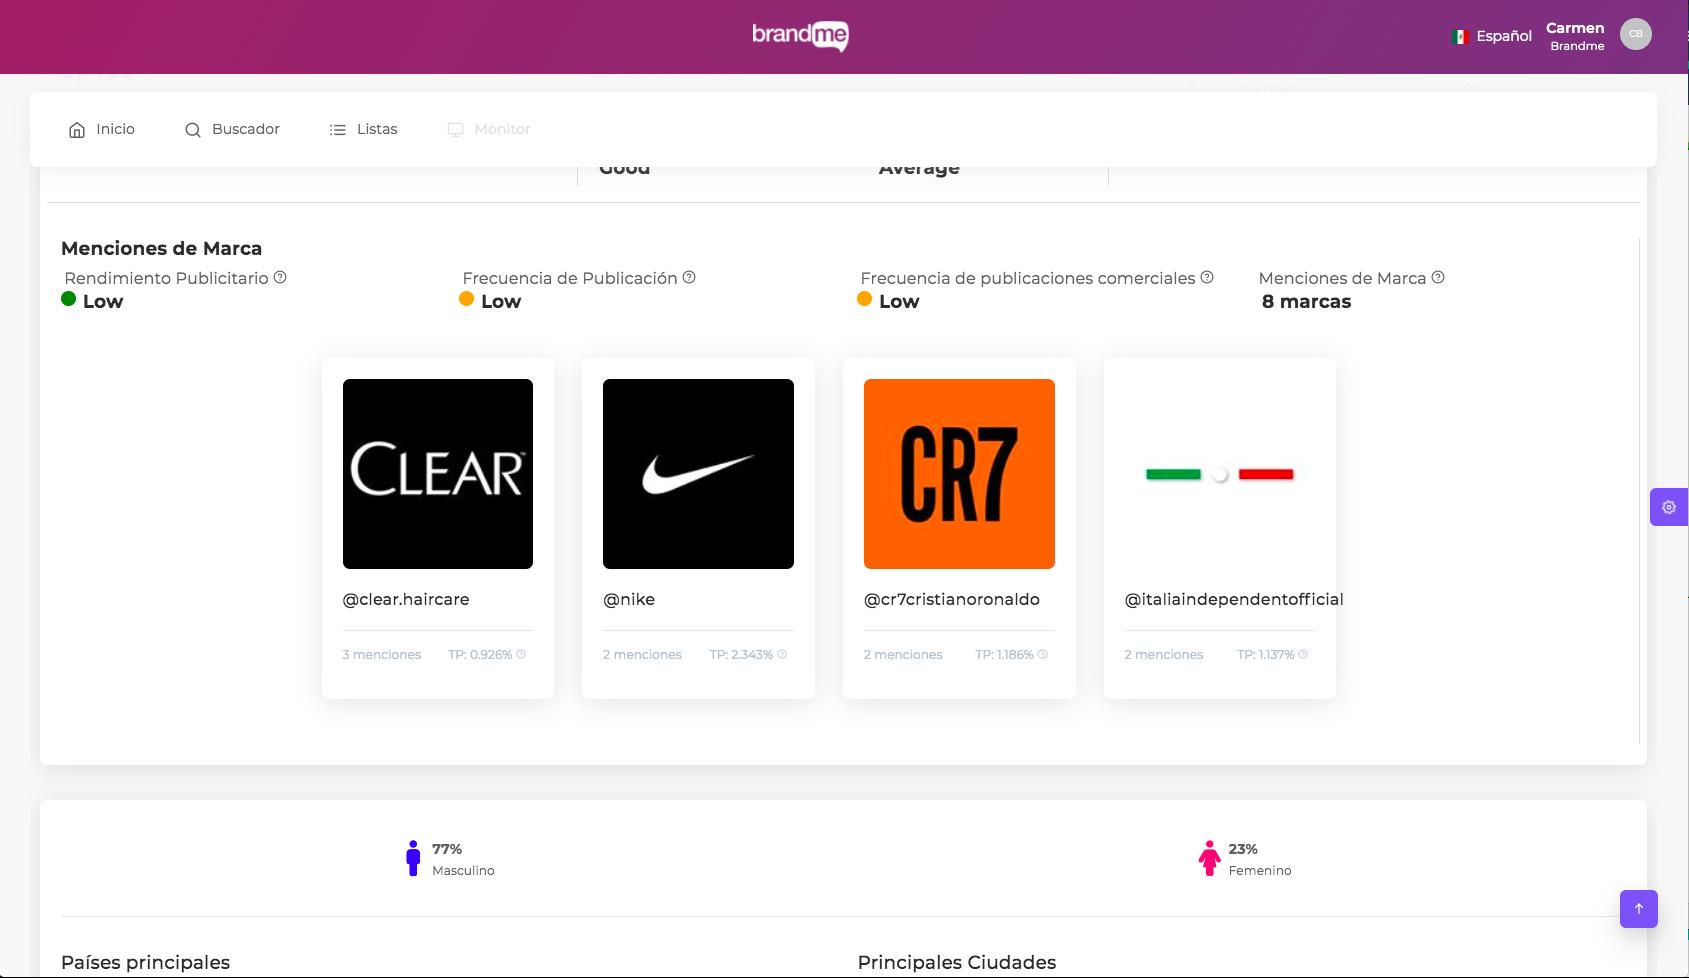 Cómo-elegir-influencers-analizador-de-BrandMe-colaboraciones-con-marcas